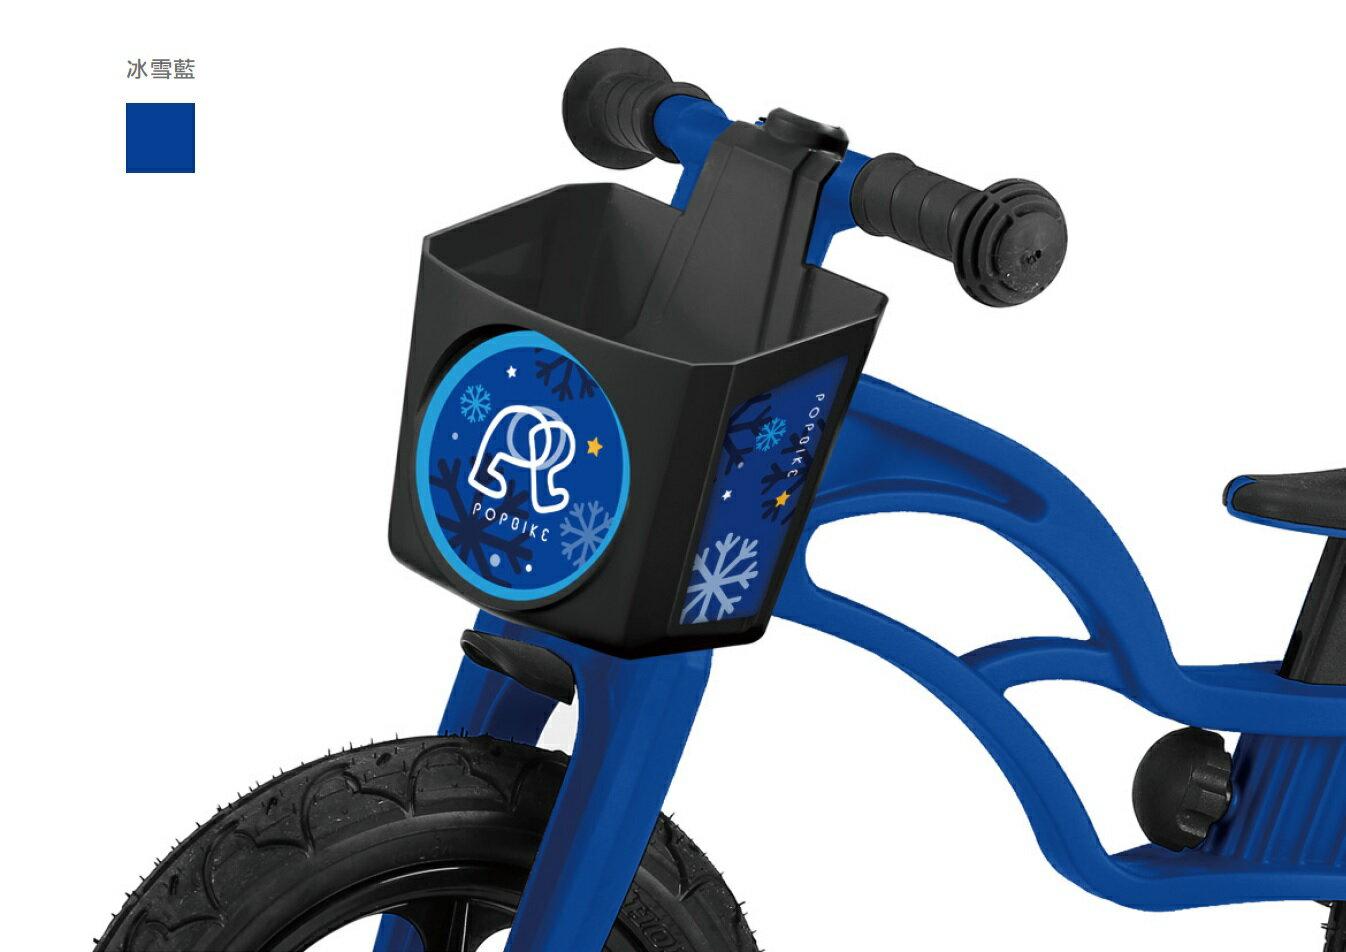 POPBIKE 兒童滑步車/平衡車/學步車/ - 配件 車籃 (冰雪藍)